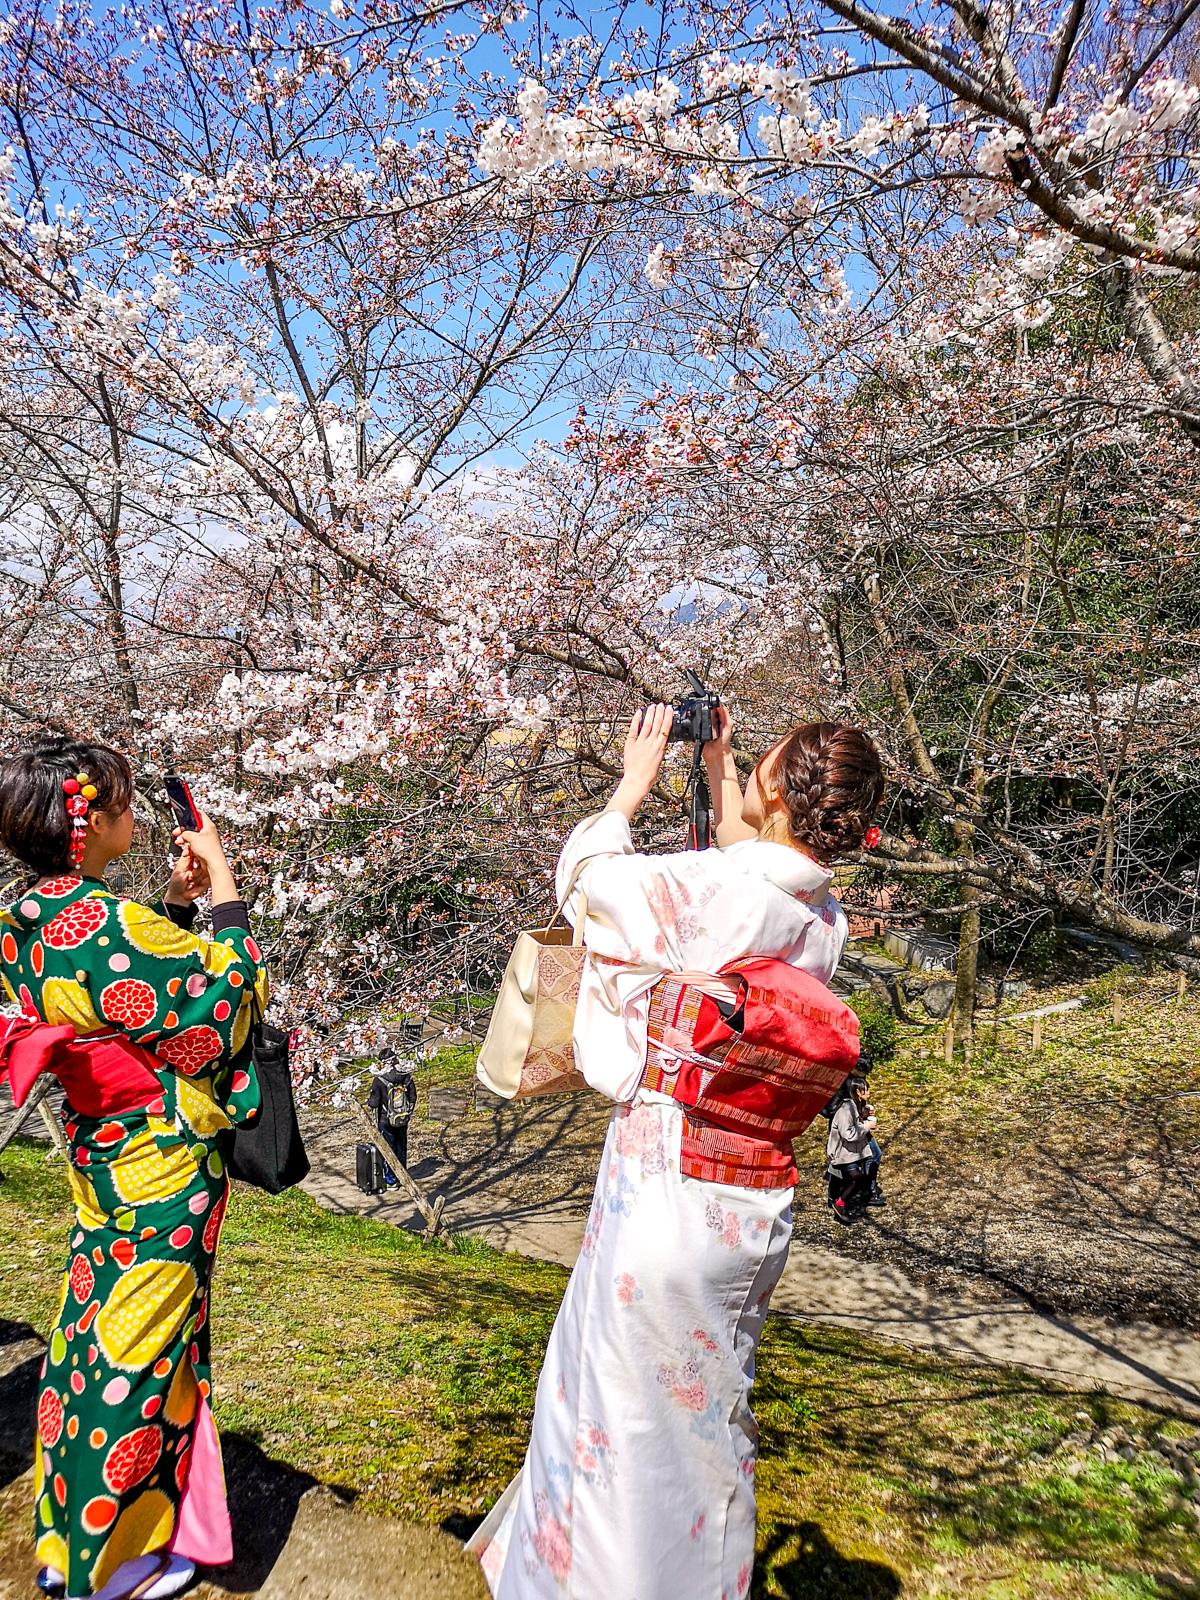 Chicas vestidas de geishas fotografiando cerezos